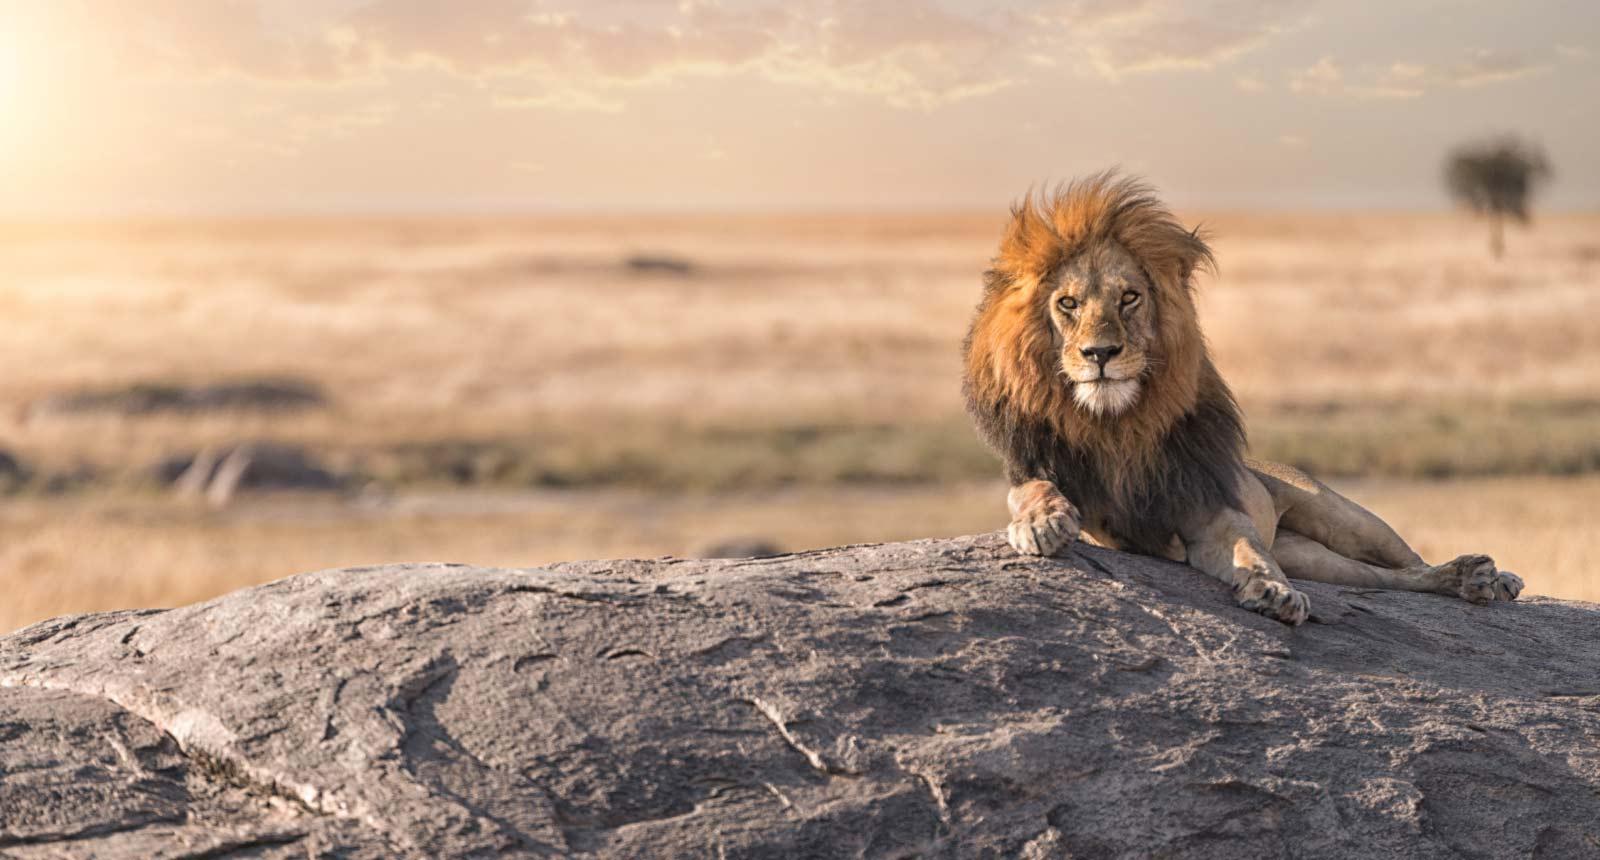 Ngorongoro Crater / Serengeti